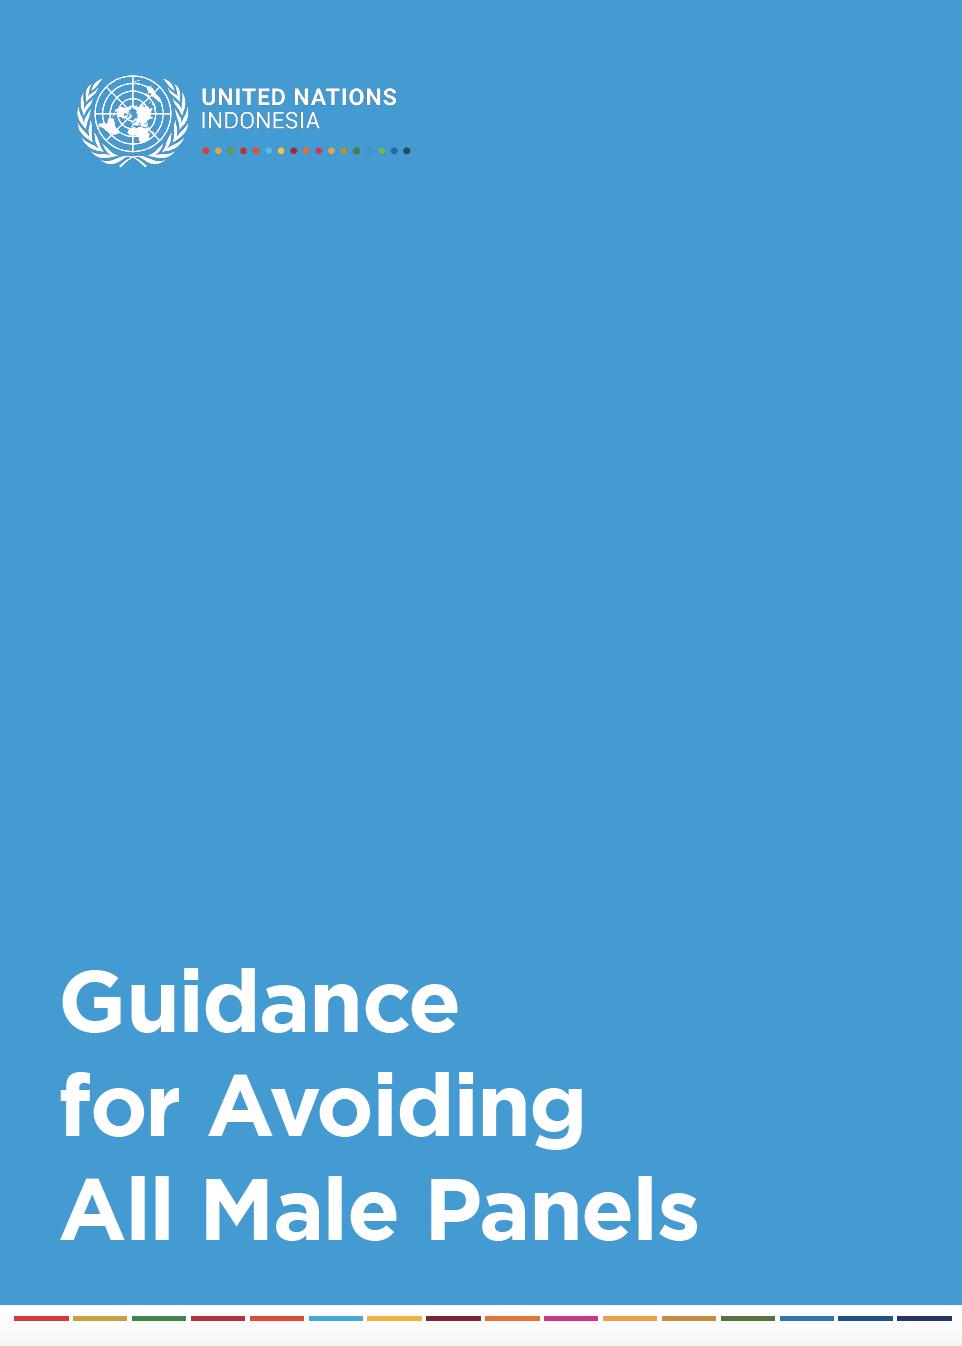 Guidance for Avoiding All Male Panels